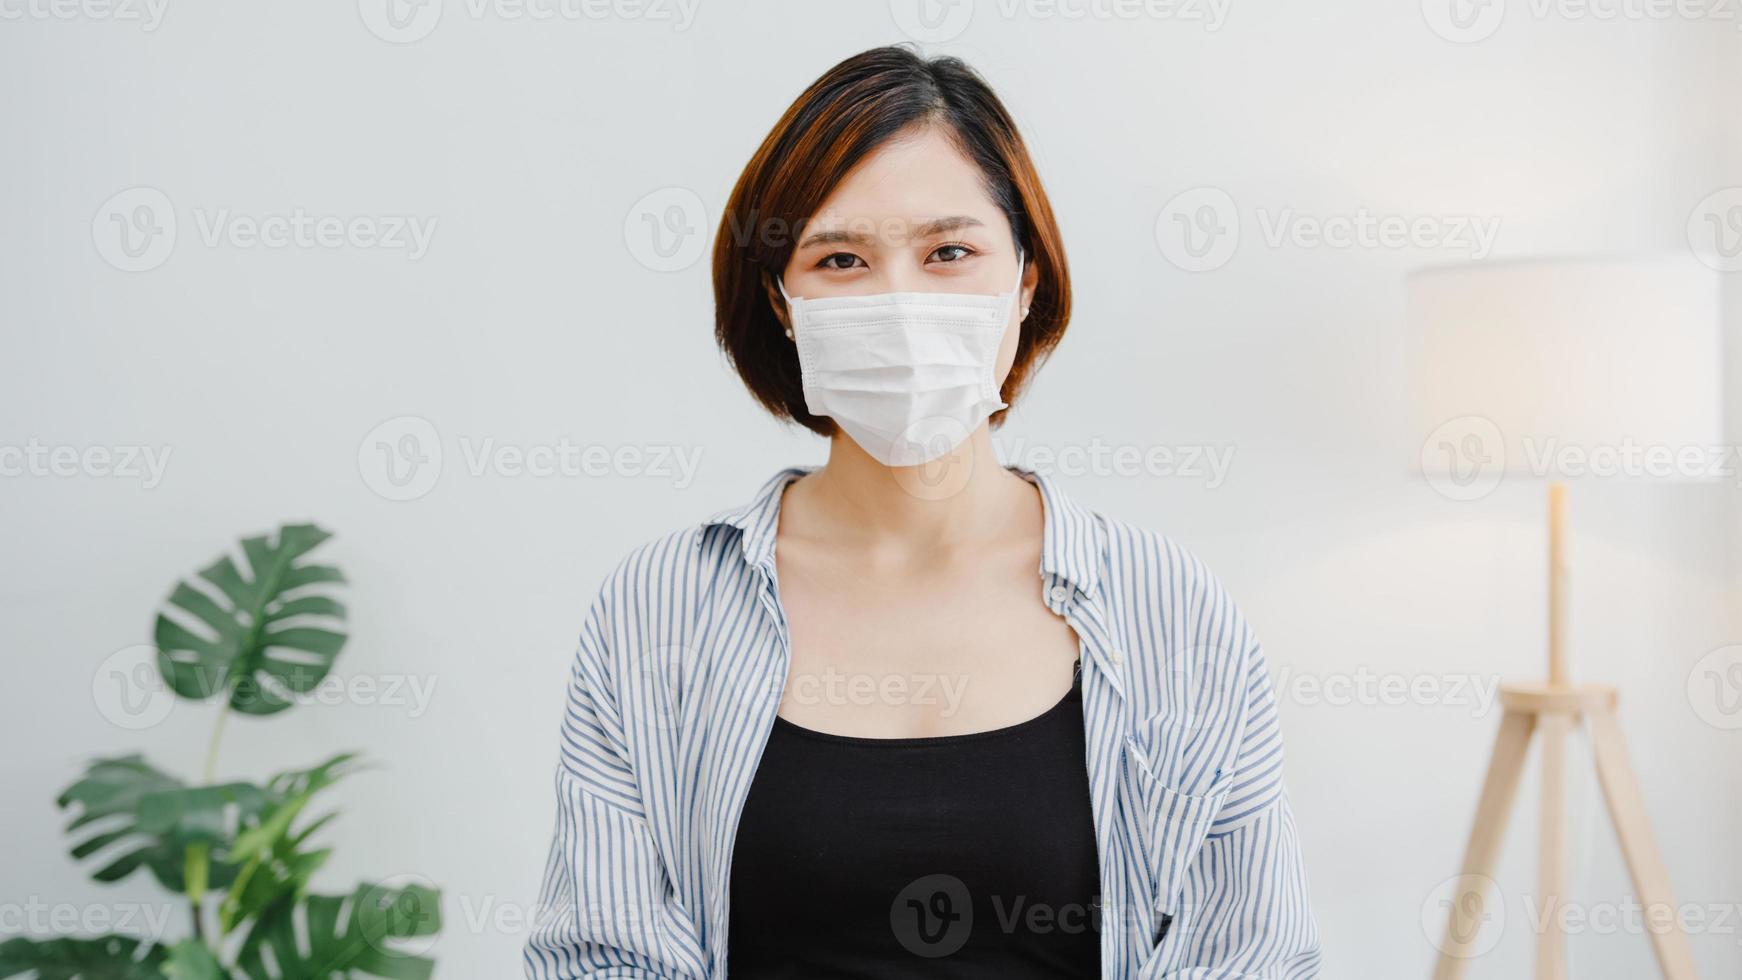 asiatisk affärskvinna bär ansiktsmask social distansering i situation för virusförebyggande tittar på kameran leende under kirurgisk mask tillbaka till jobbet i kontorsarbetsytan. livsstil efter corona -virus. foto